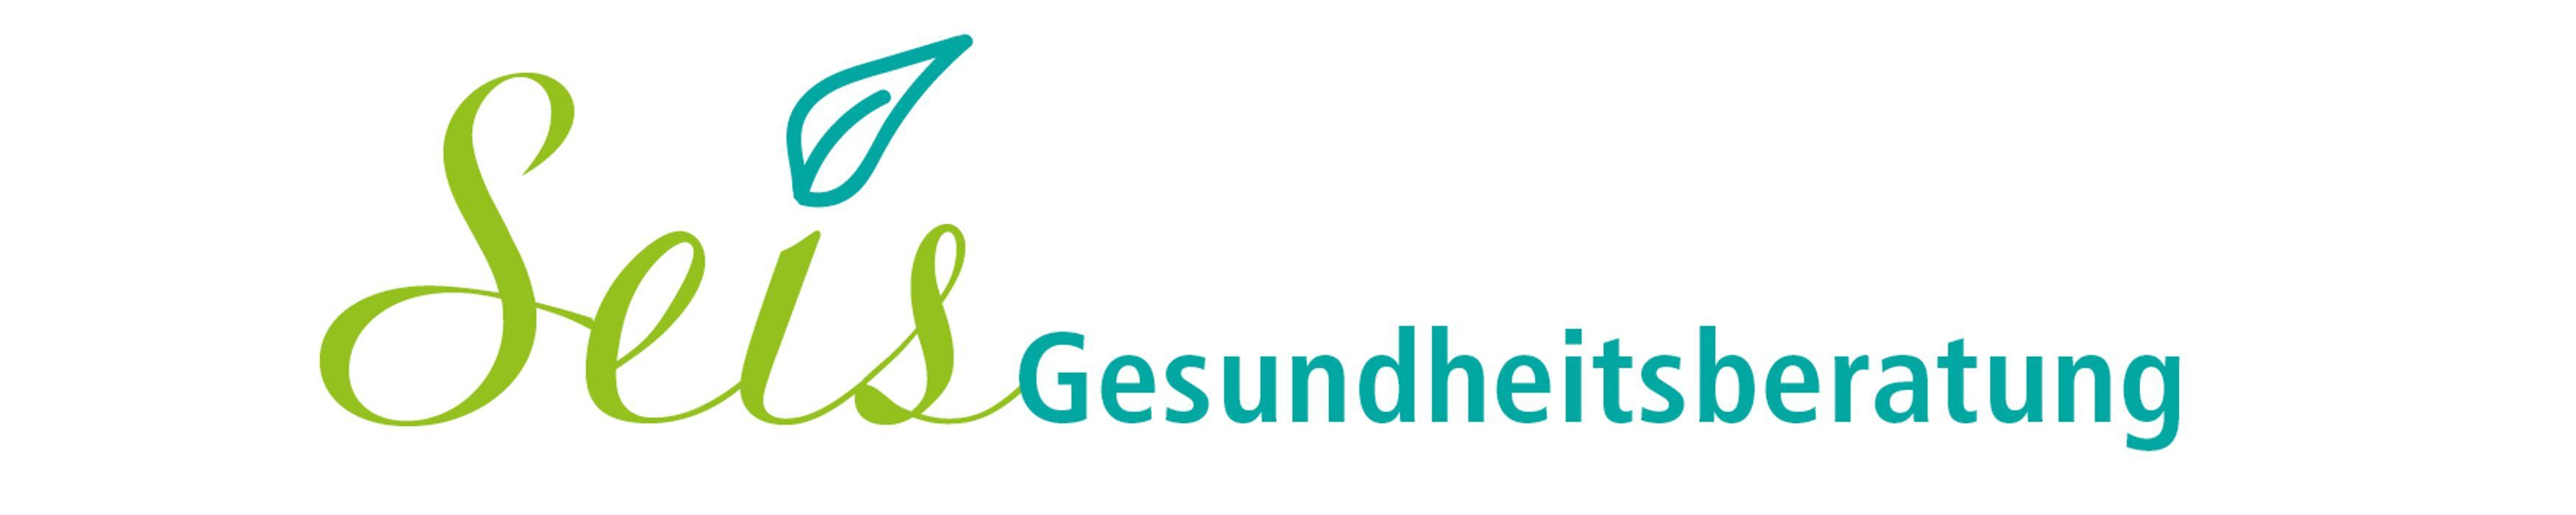 Bild zu Seis Gesundheitsberatung in Bremen